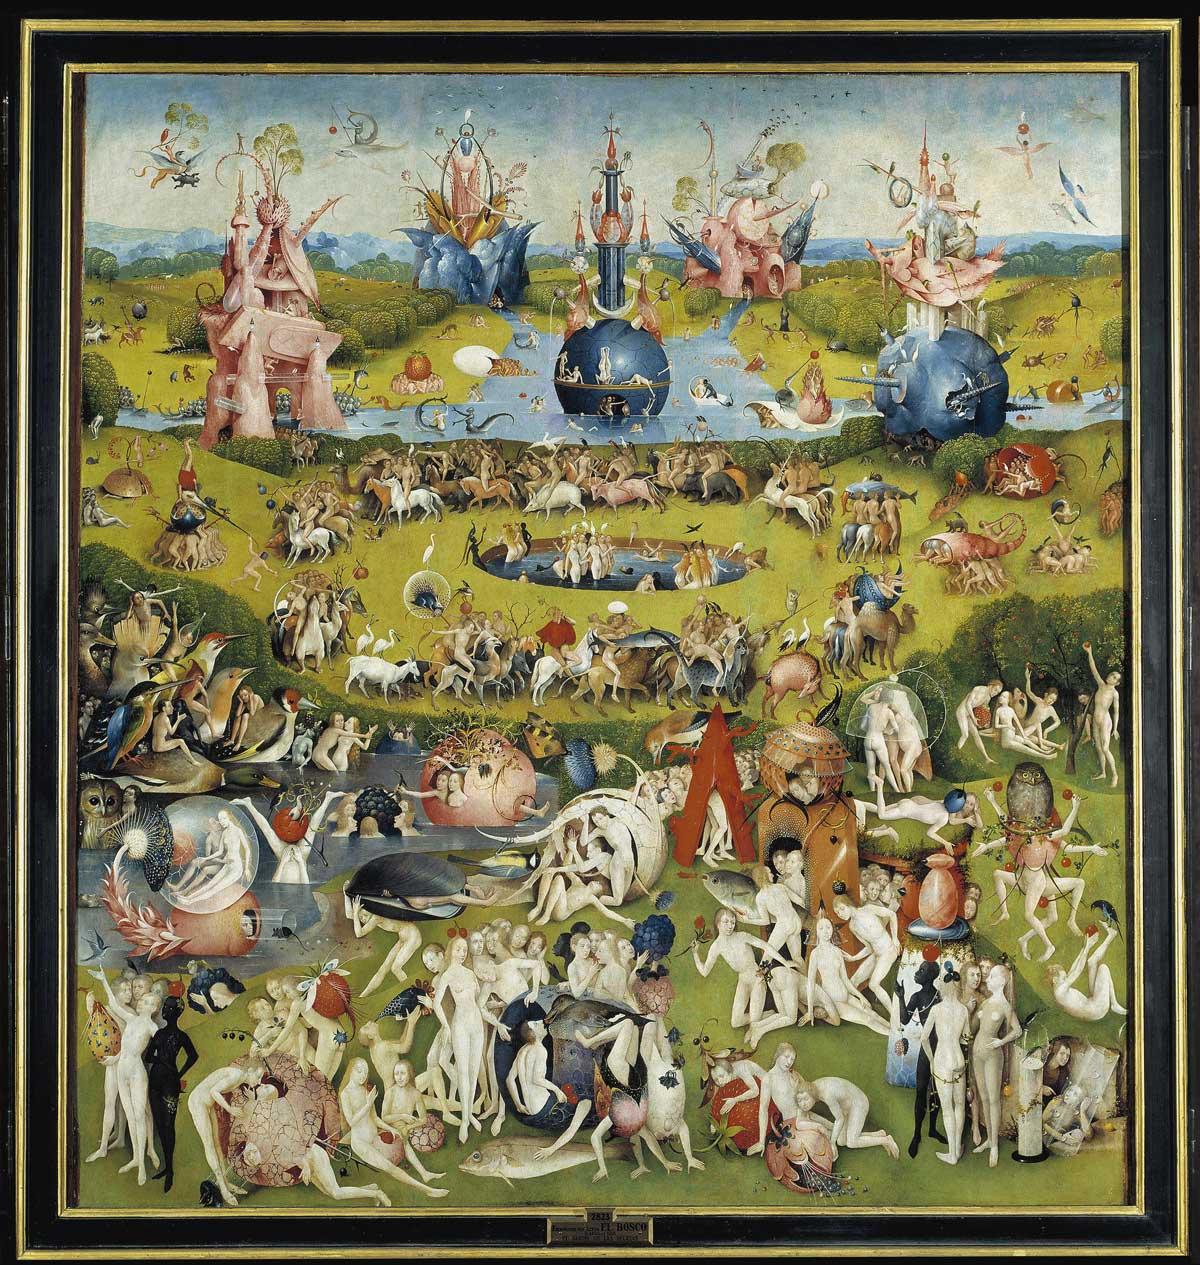 Garten der Lüste, Hieronymus Bosch